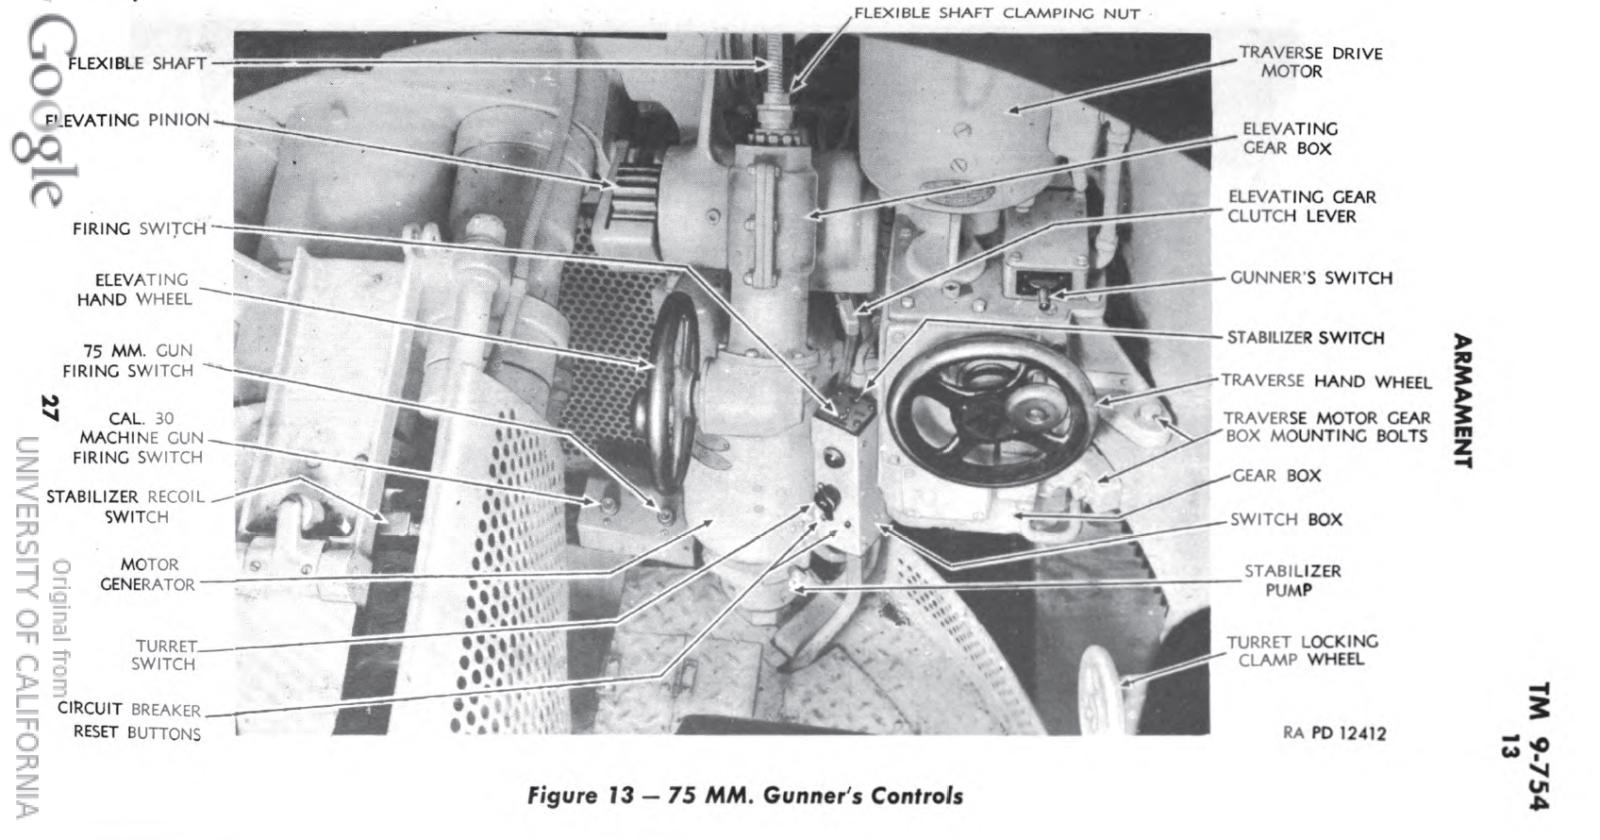 traverse engine diagram m4a4 armament diagram westinghouse traverse 75mm early turret em 2020  m4a4 armament diagram westinghouse